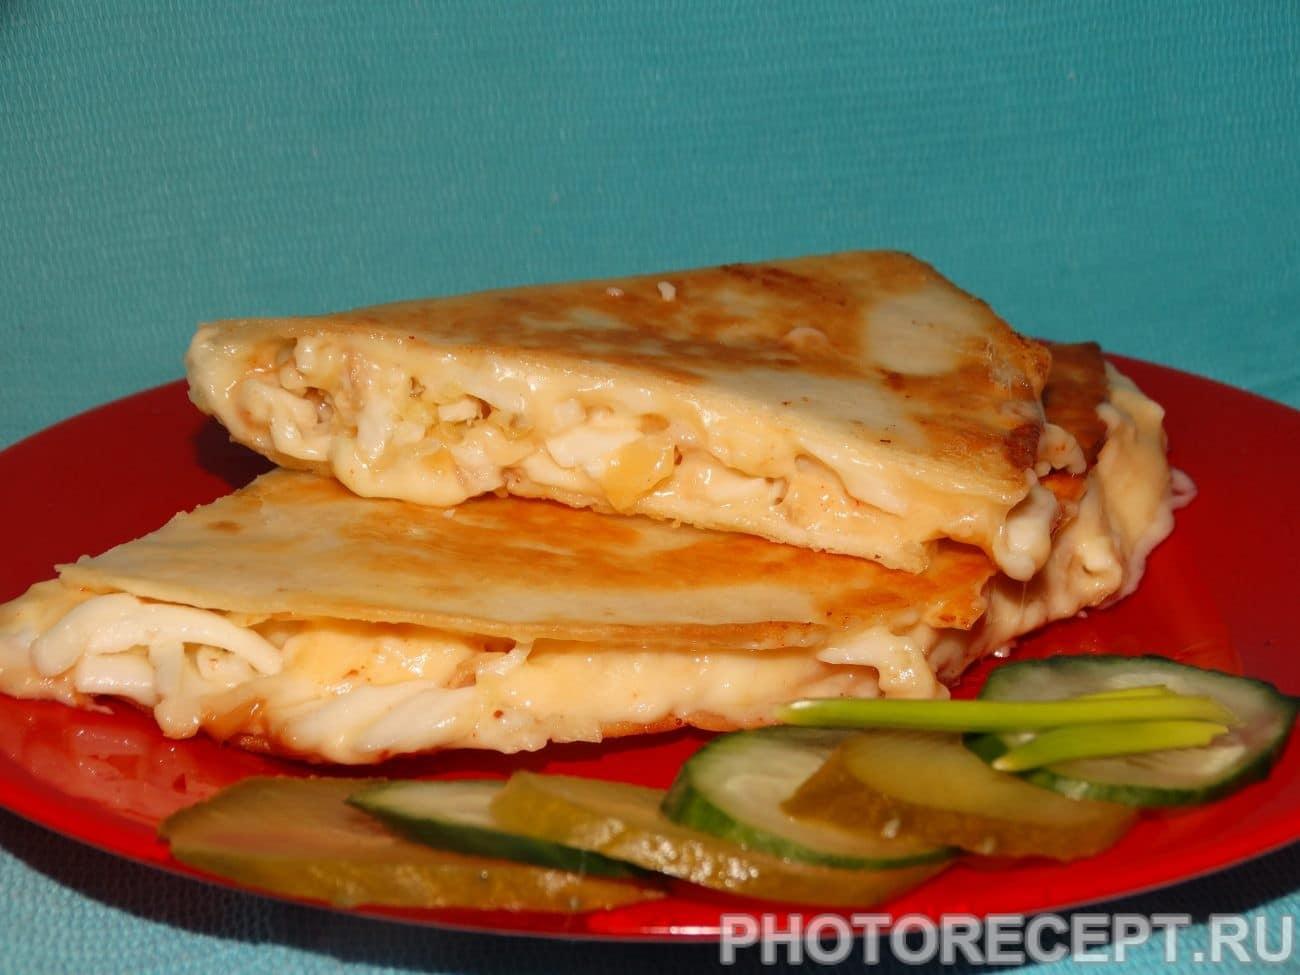 Тортилья «Три сыра» с чесноком